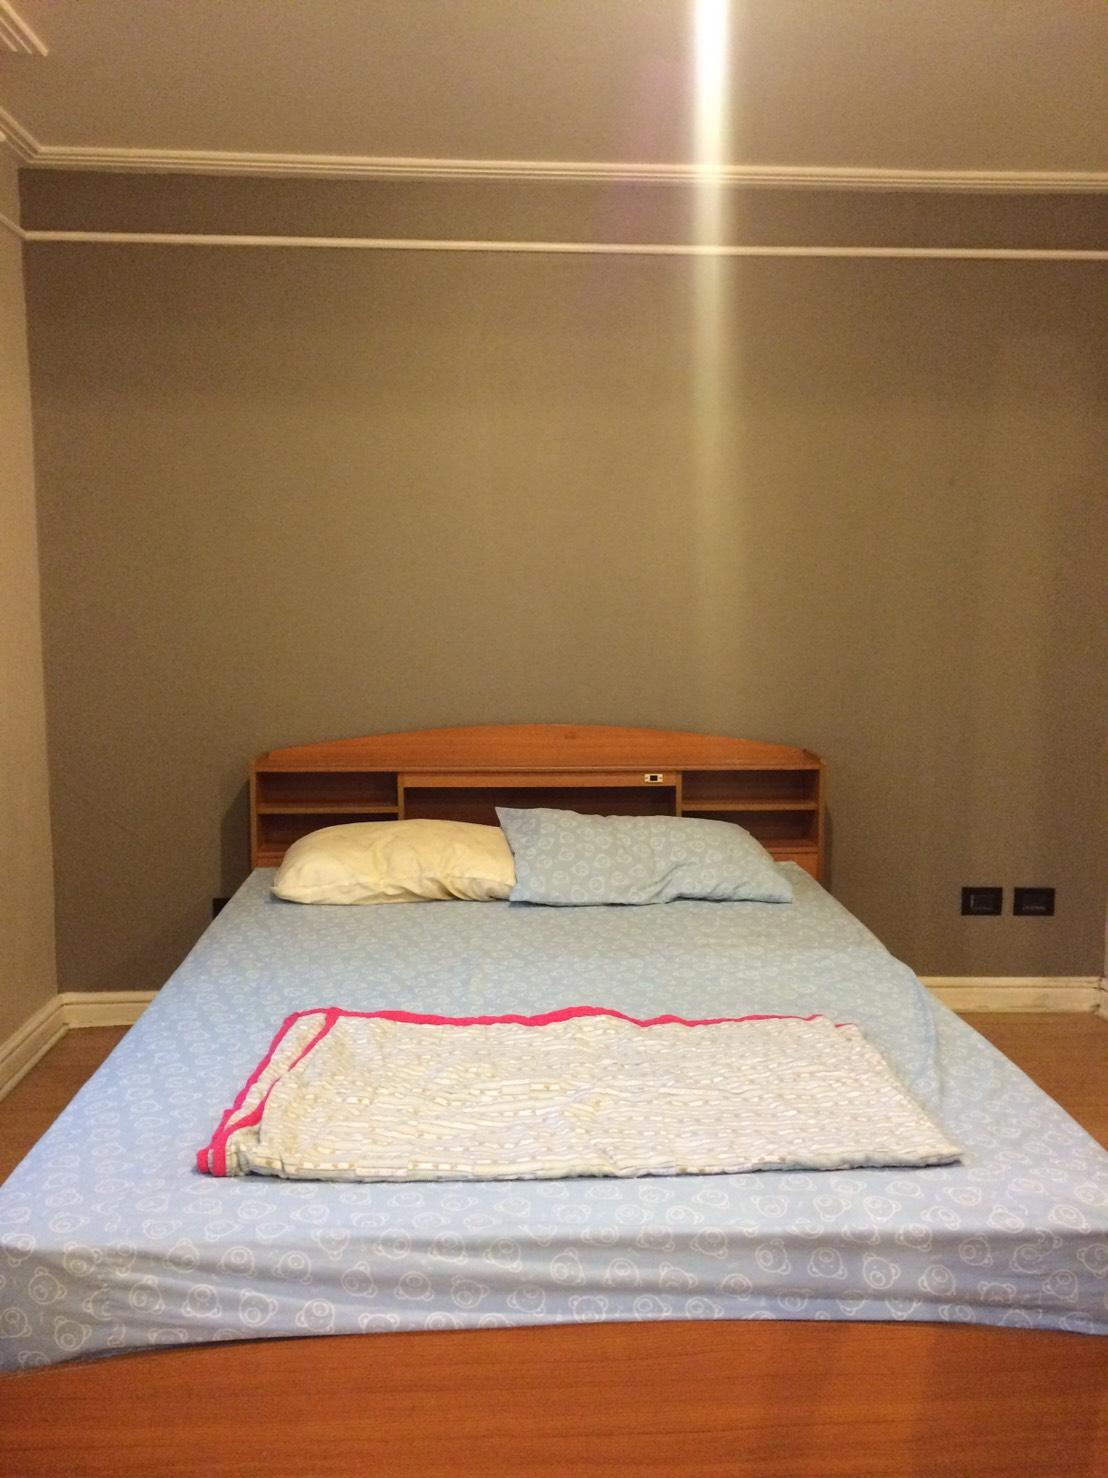 RE/MAX Properties Agency's RENT 1 Bedroom 47 Sq.m Baan Suk San 7